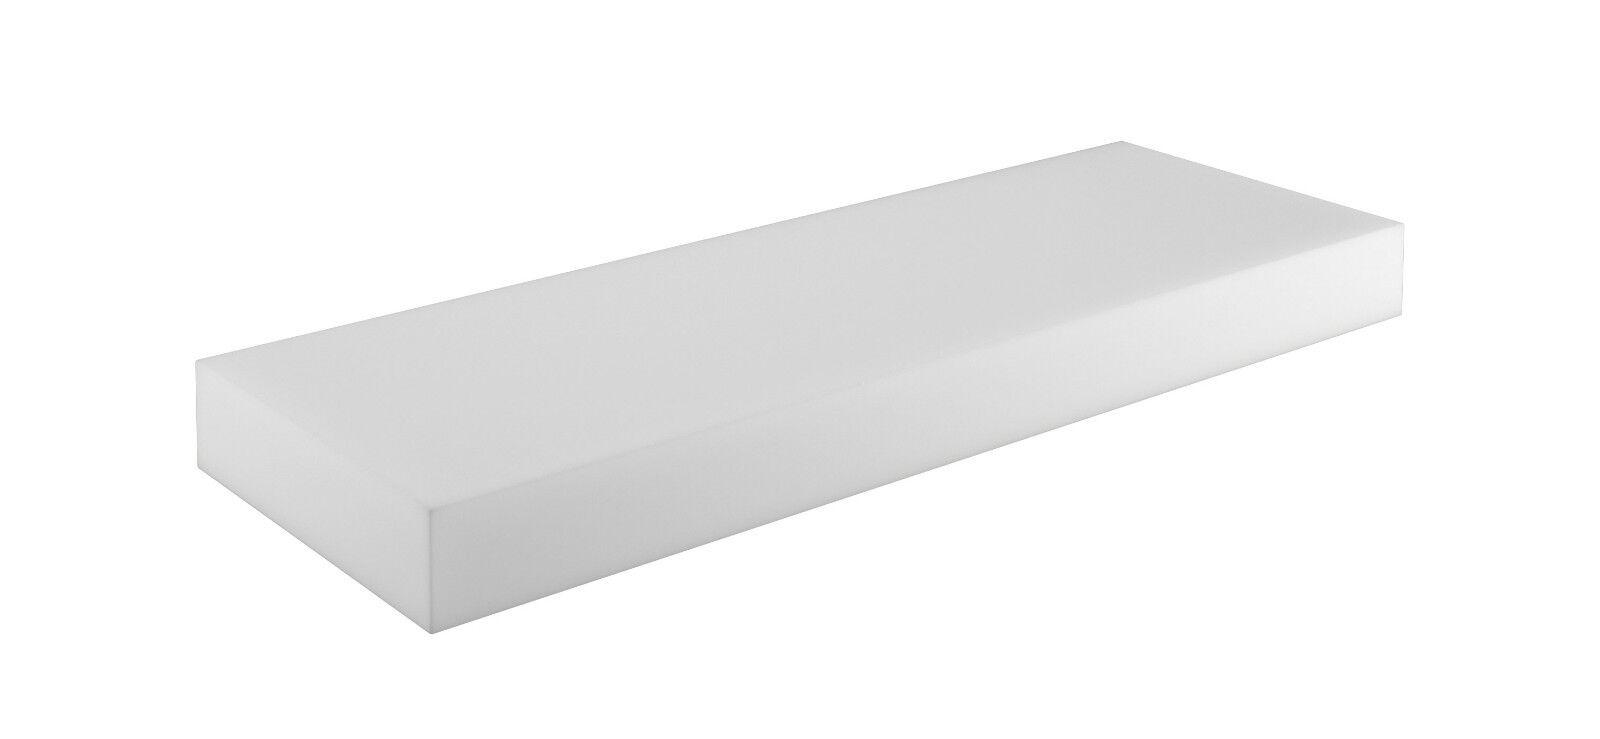 Schaumstoffplatte für Europalette Polsterauflage Matratze Zuschnitt 120x80cm Sitzkissen 120x40x20cm